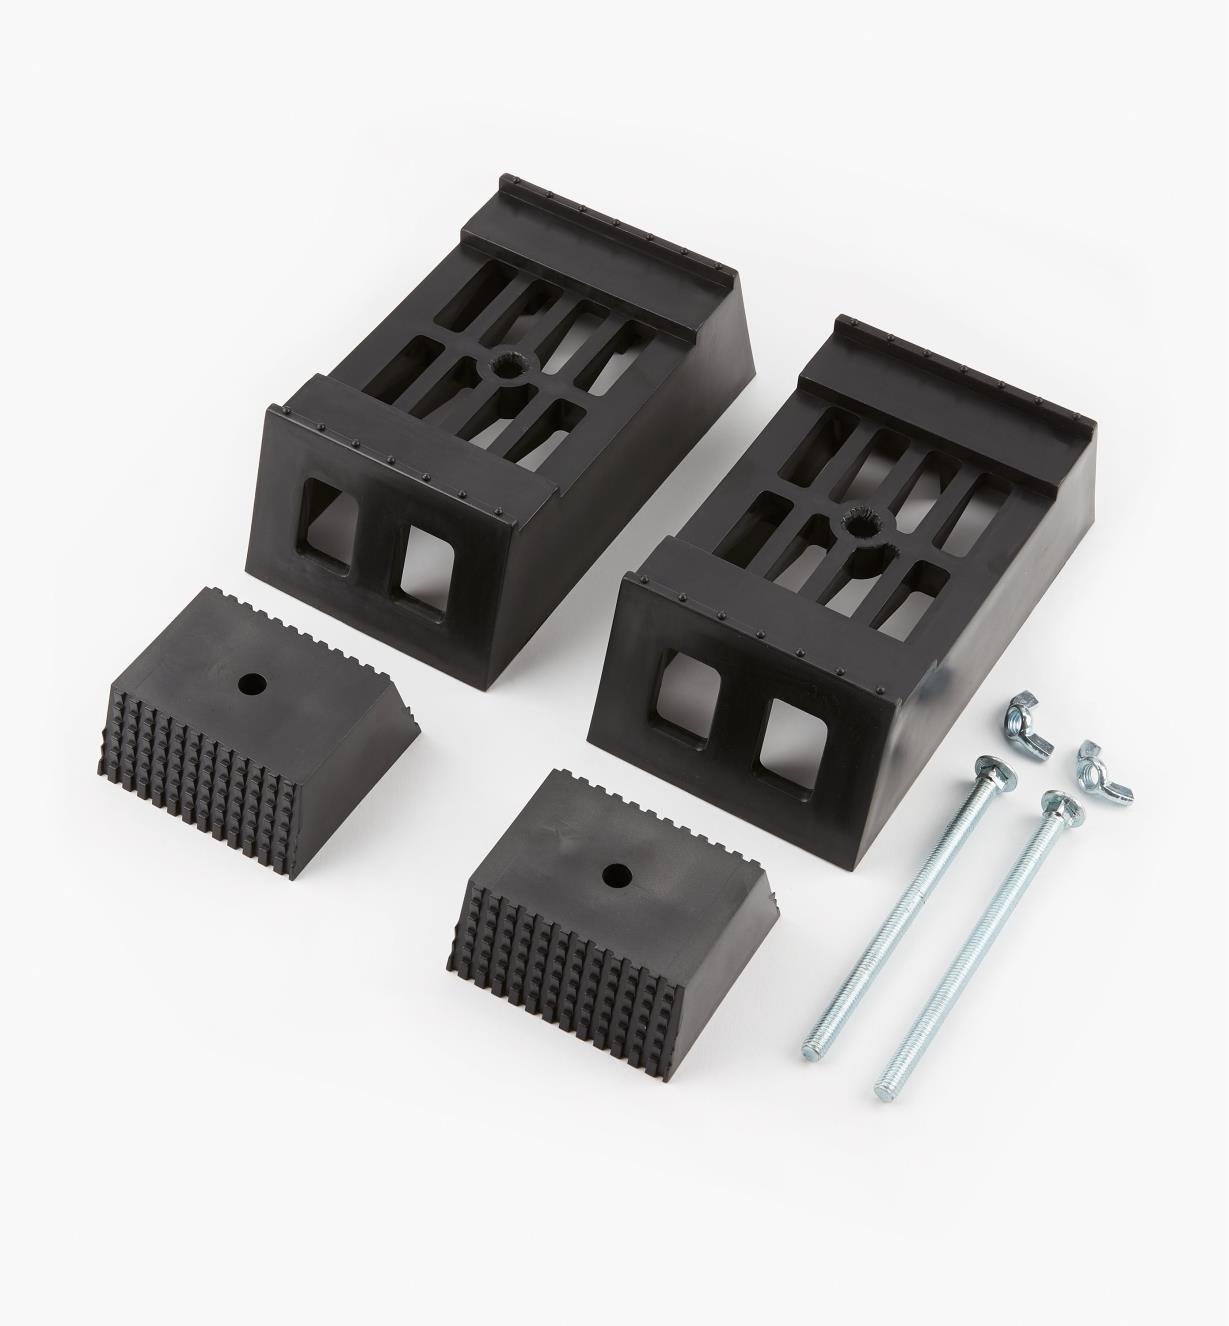 03K0608 - Fixations pour chevalet de sciage, la paire